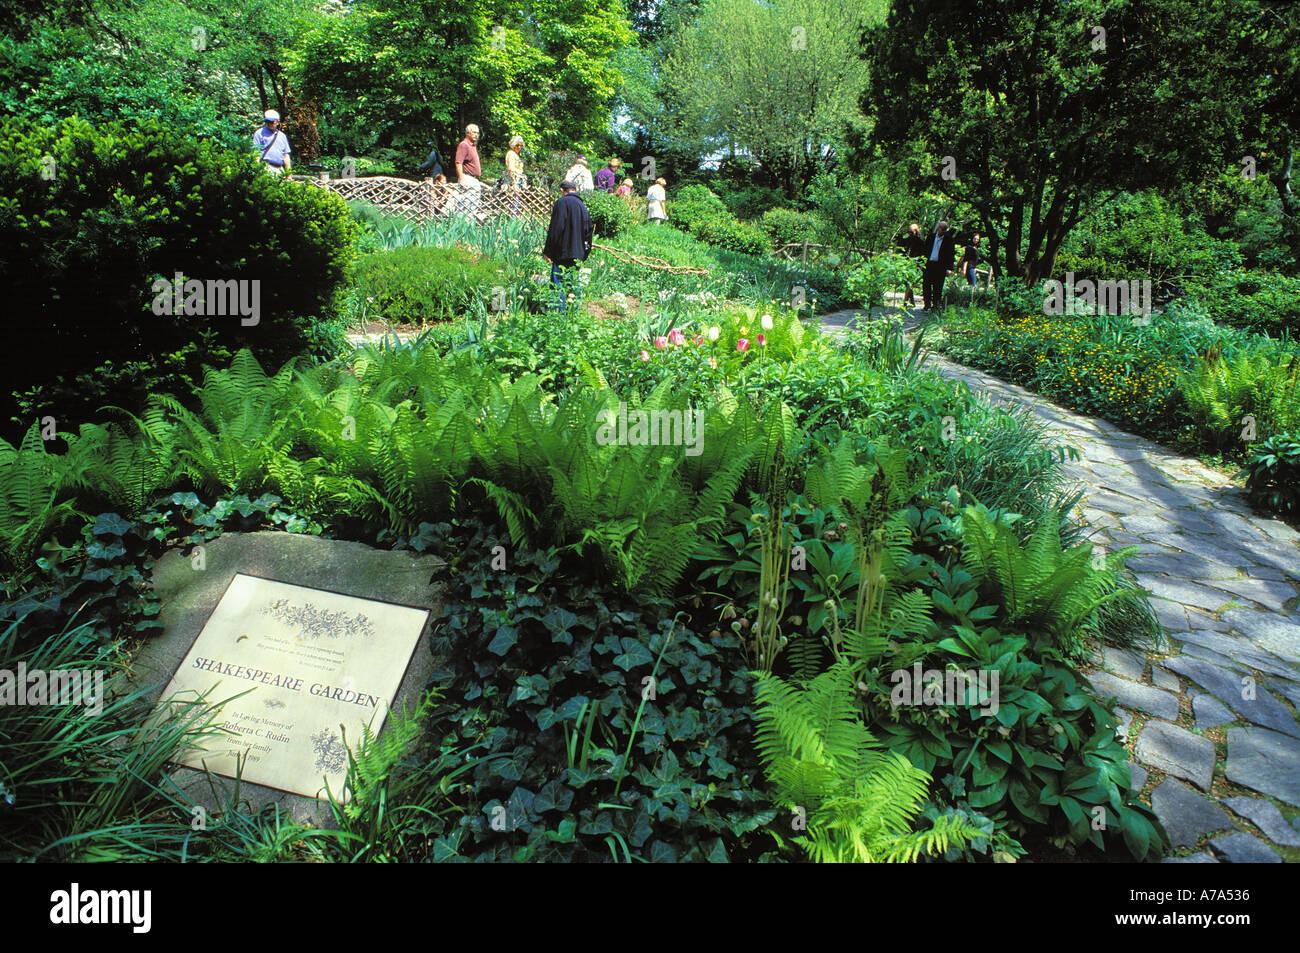 shakespeare garden central park manhattan new york - Shakespeare Garden Central Park